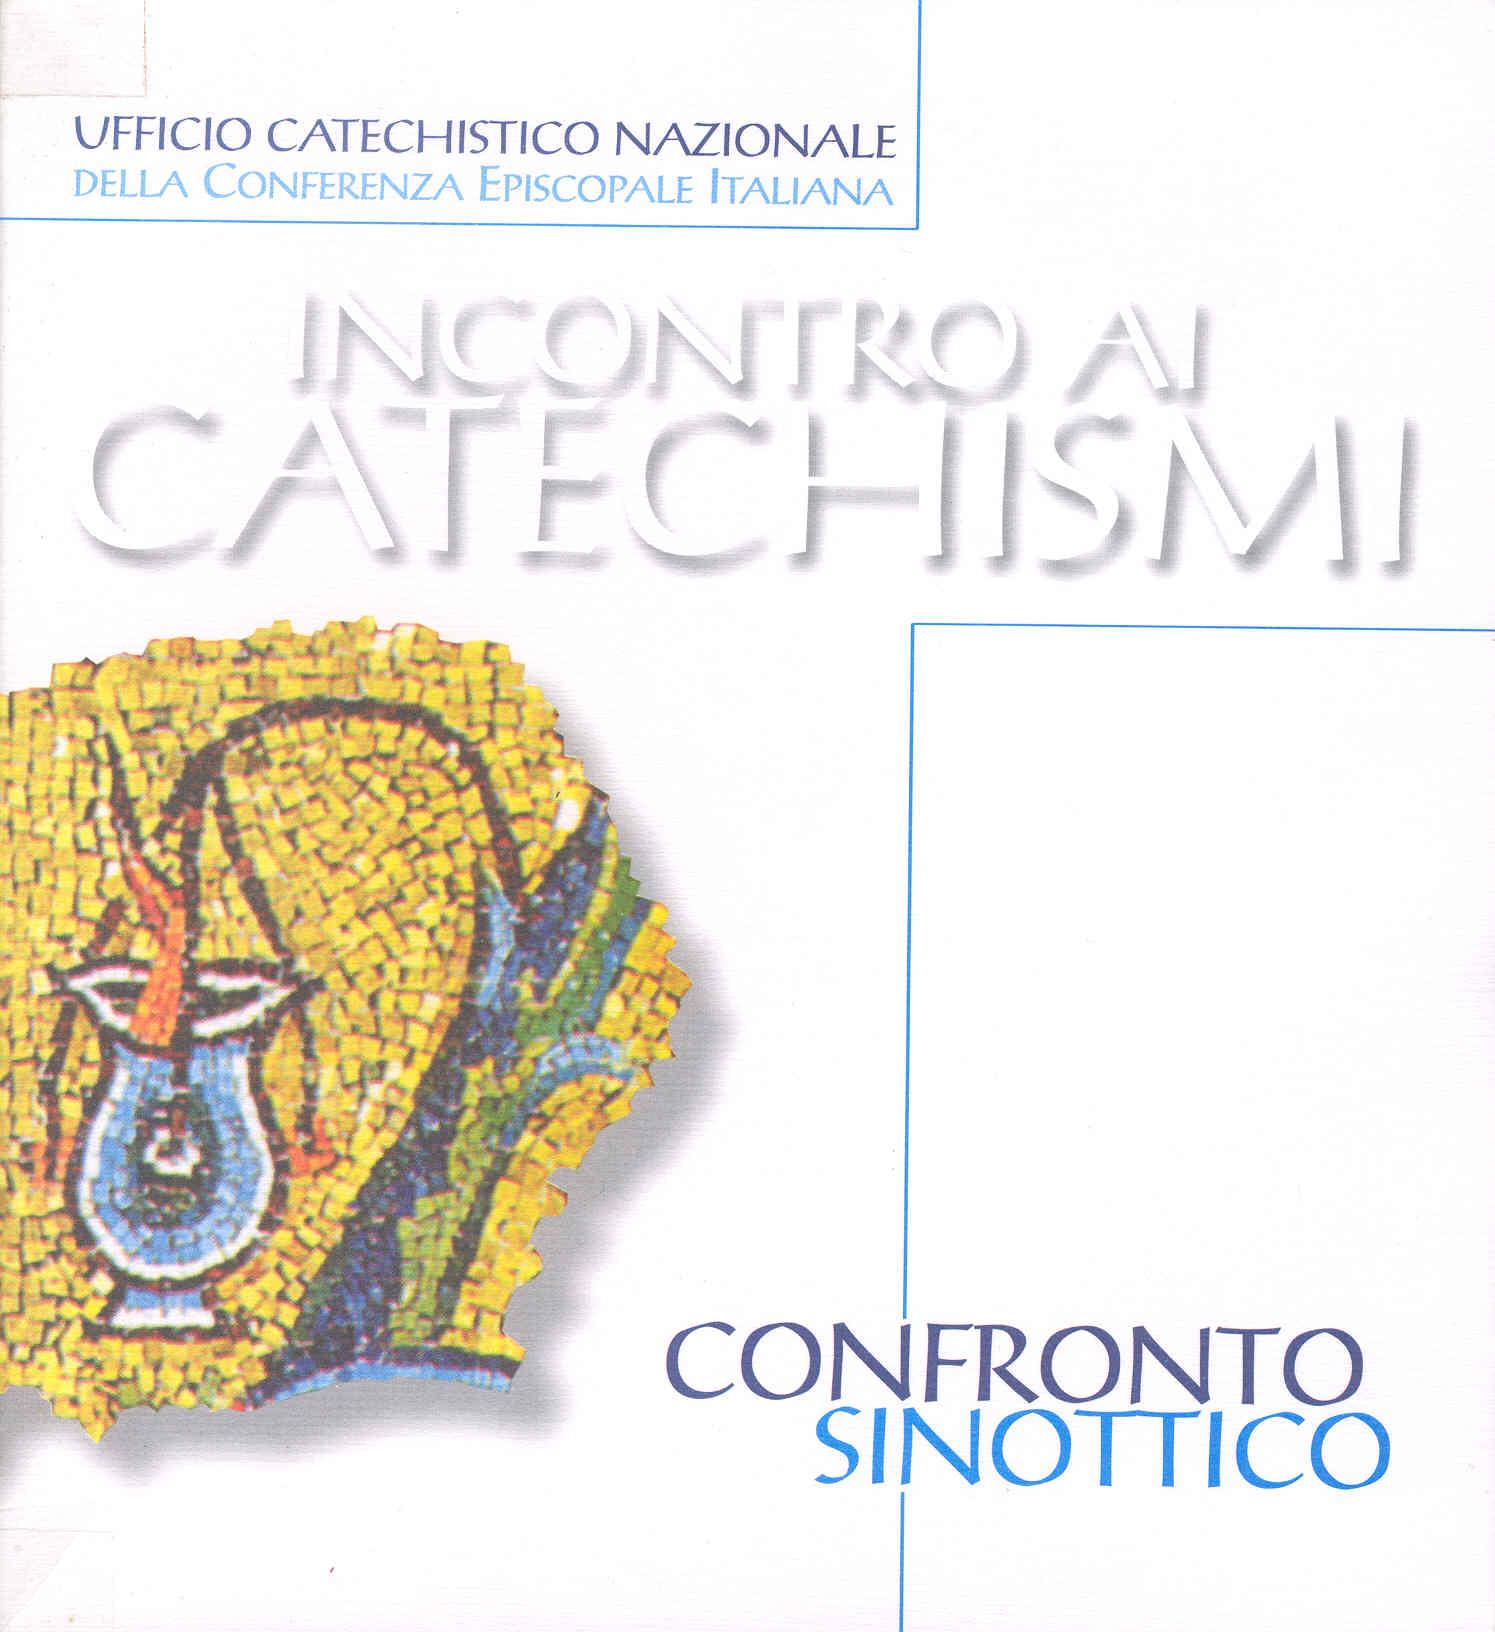 Confronto sinottico tra i catechismi Cei e il catechismo della Chiesa cattolica